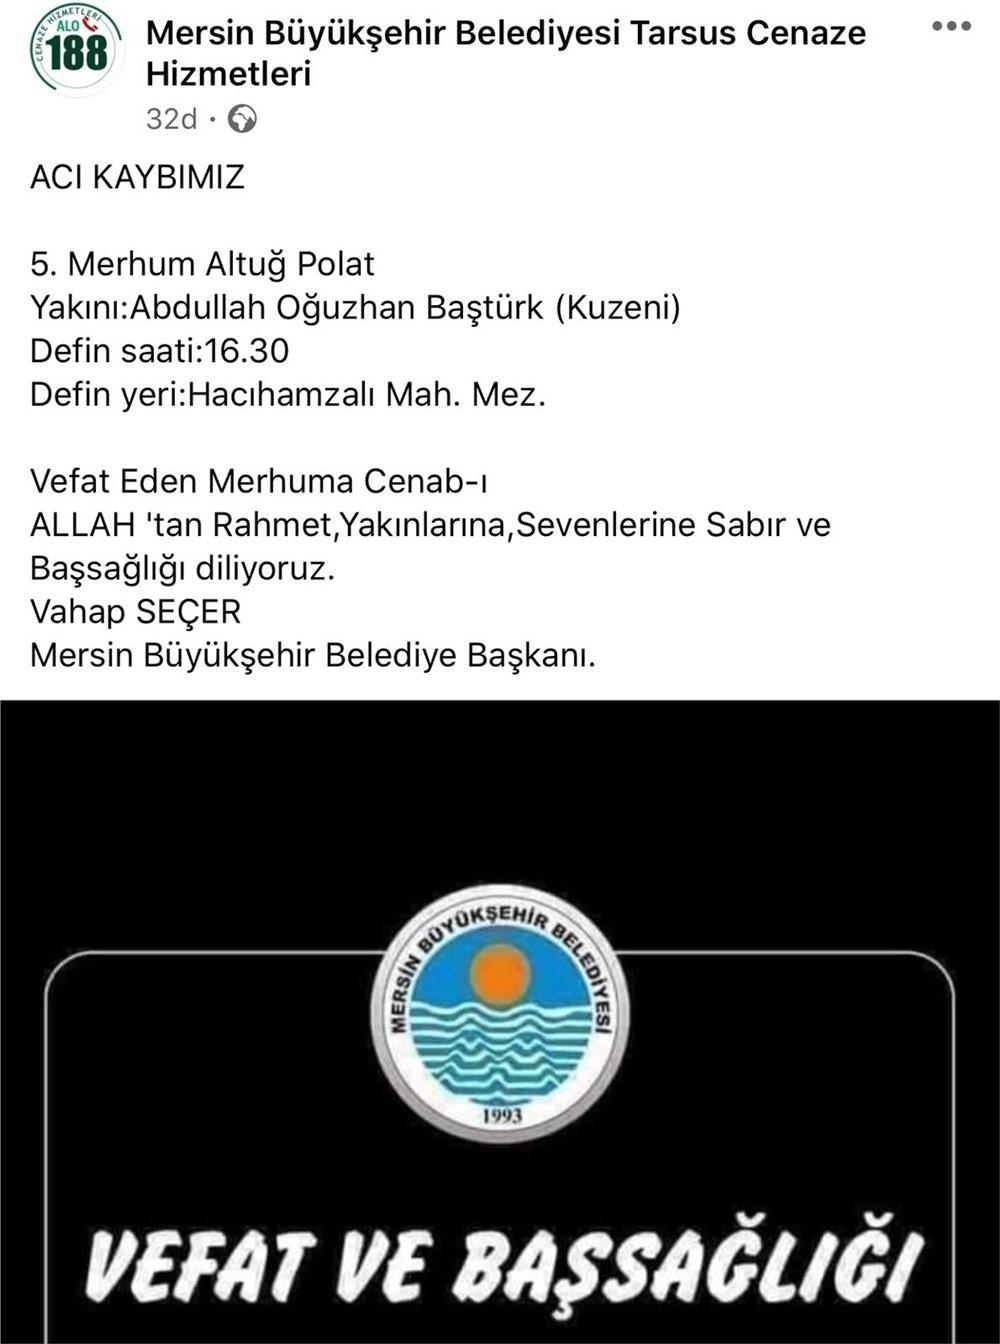 Adana'da, Hatay Vali Yardımcısı Tolga P'nin Öldürdüğü Avukat Erkek Kardeşi Altuğ P. İle Annesi İkbal P'nin Cenazesi, Mersin'in Tarsus İlçesinde Toprağa Verildi